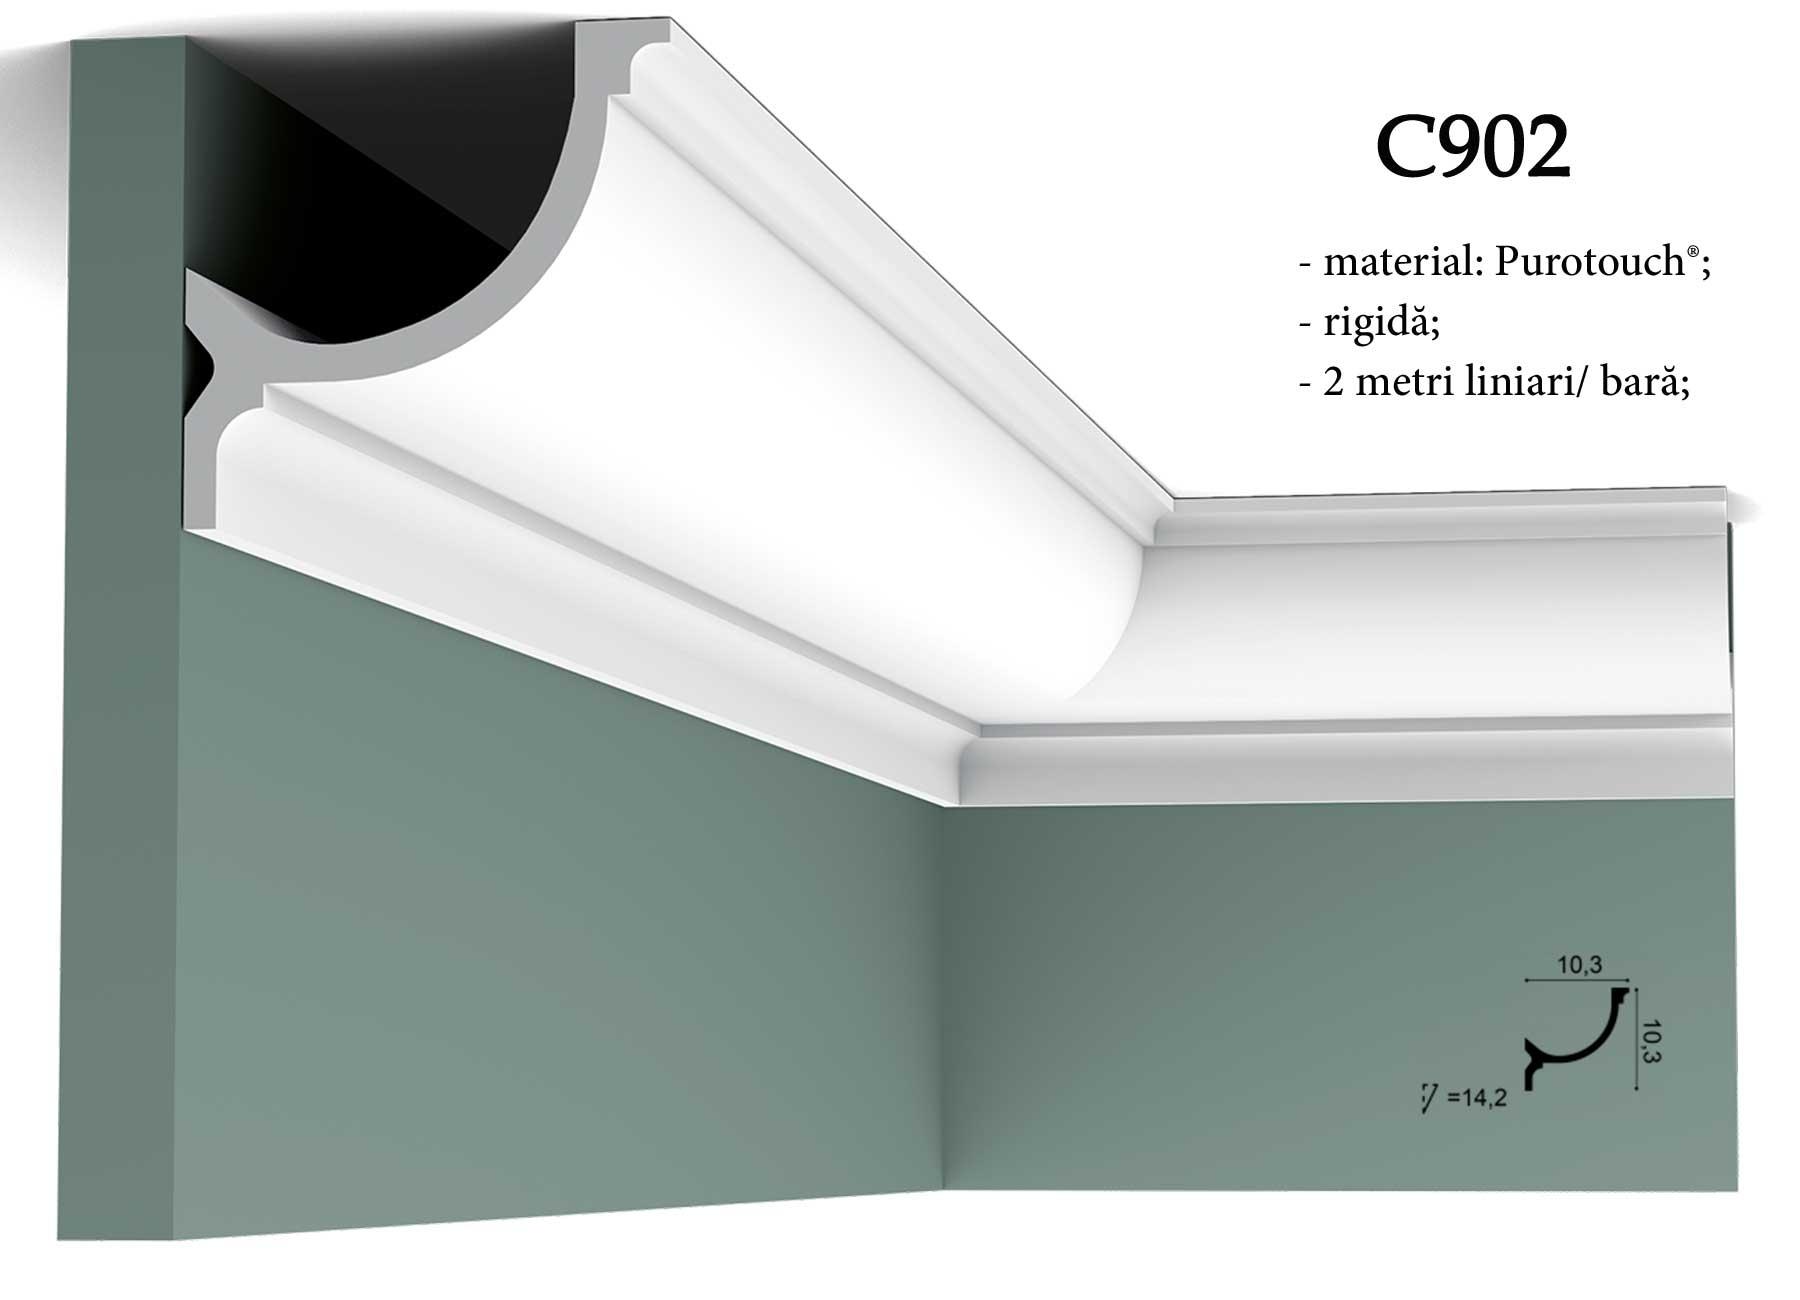 Cornisa decorativa pentru tavan Orac Decor. Terminatie perete C902